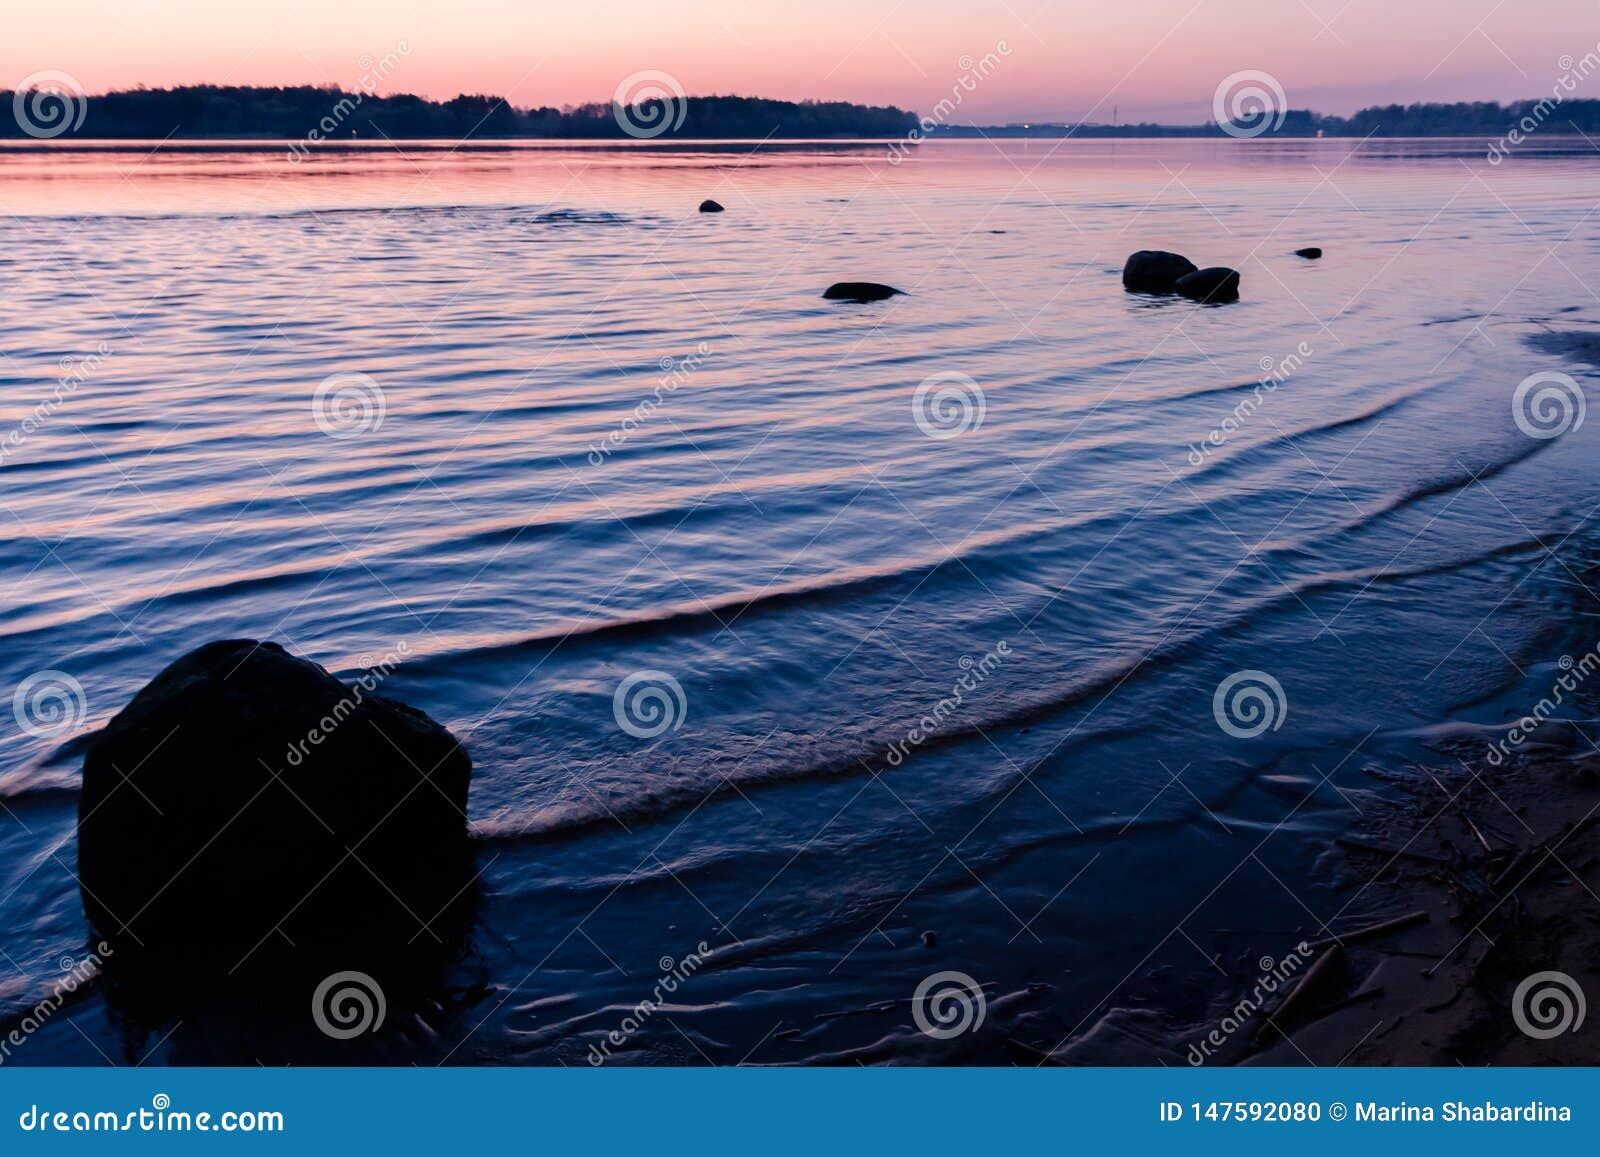 Paesaggio di rilassamento con un tramonto rosa su un fiume ondulato e sulle siluette di grandi pietre